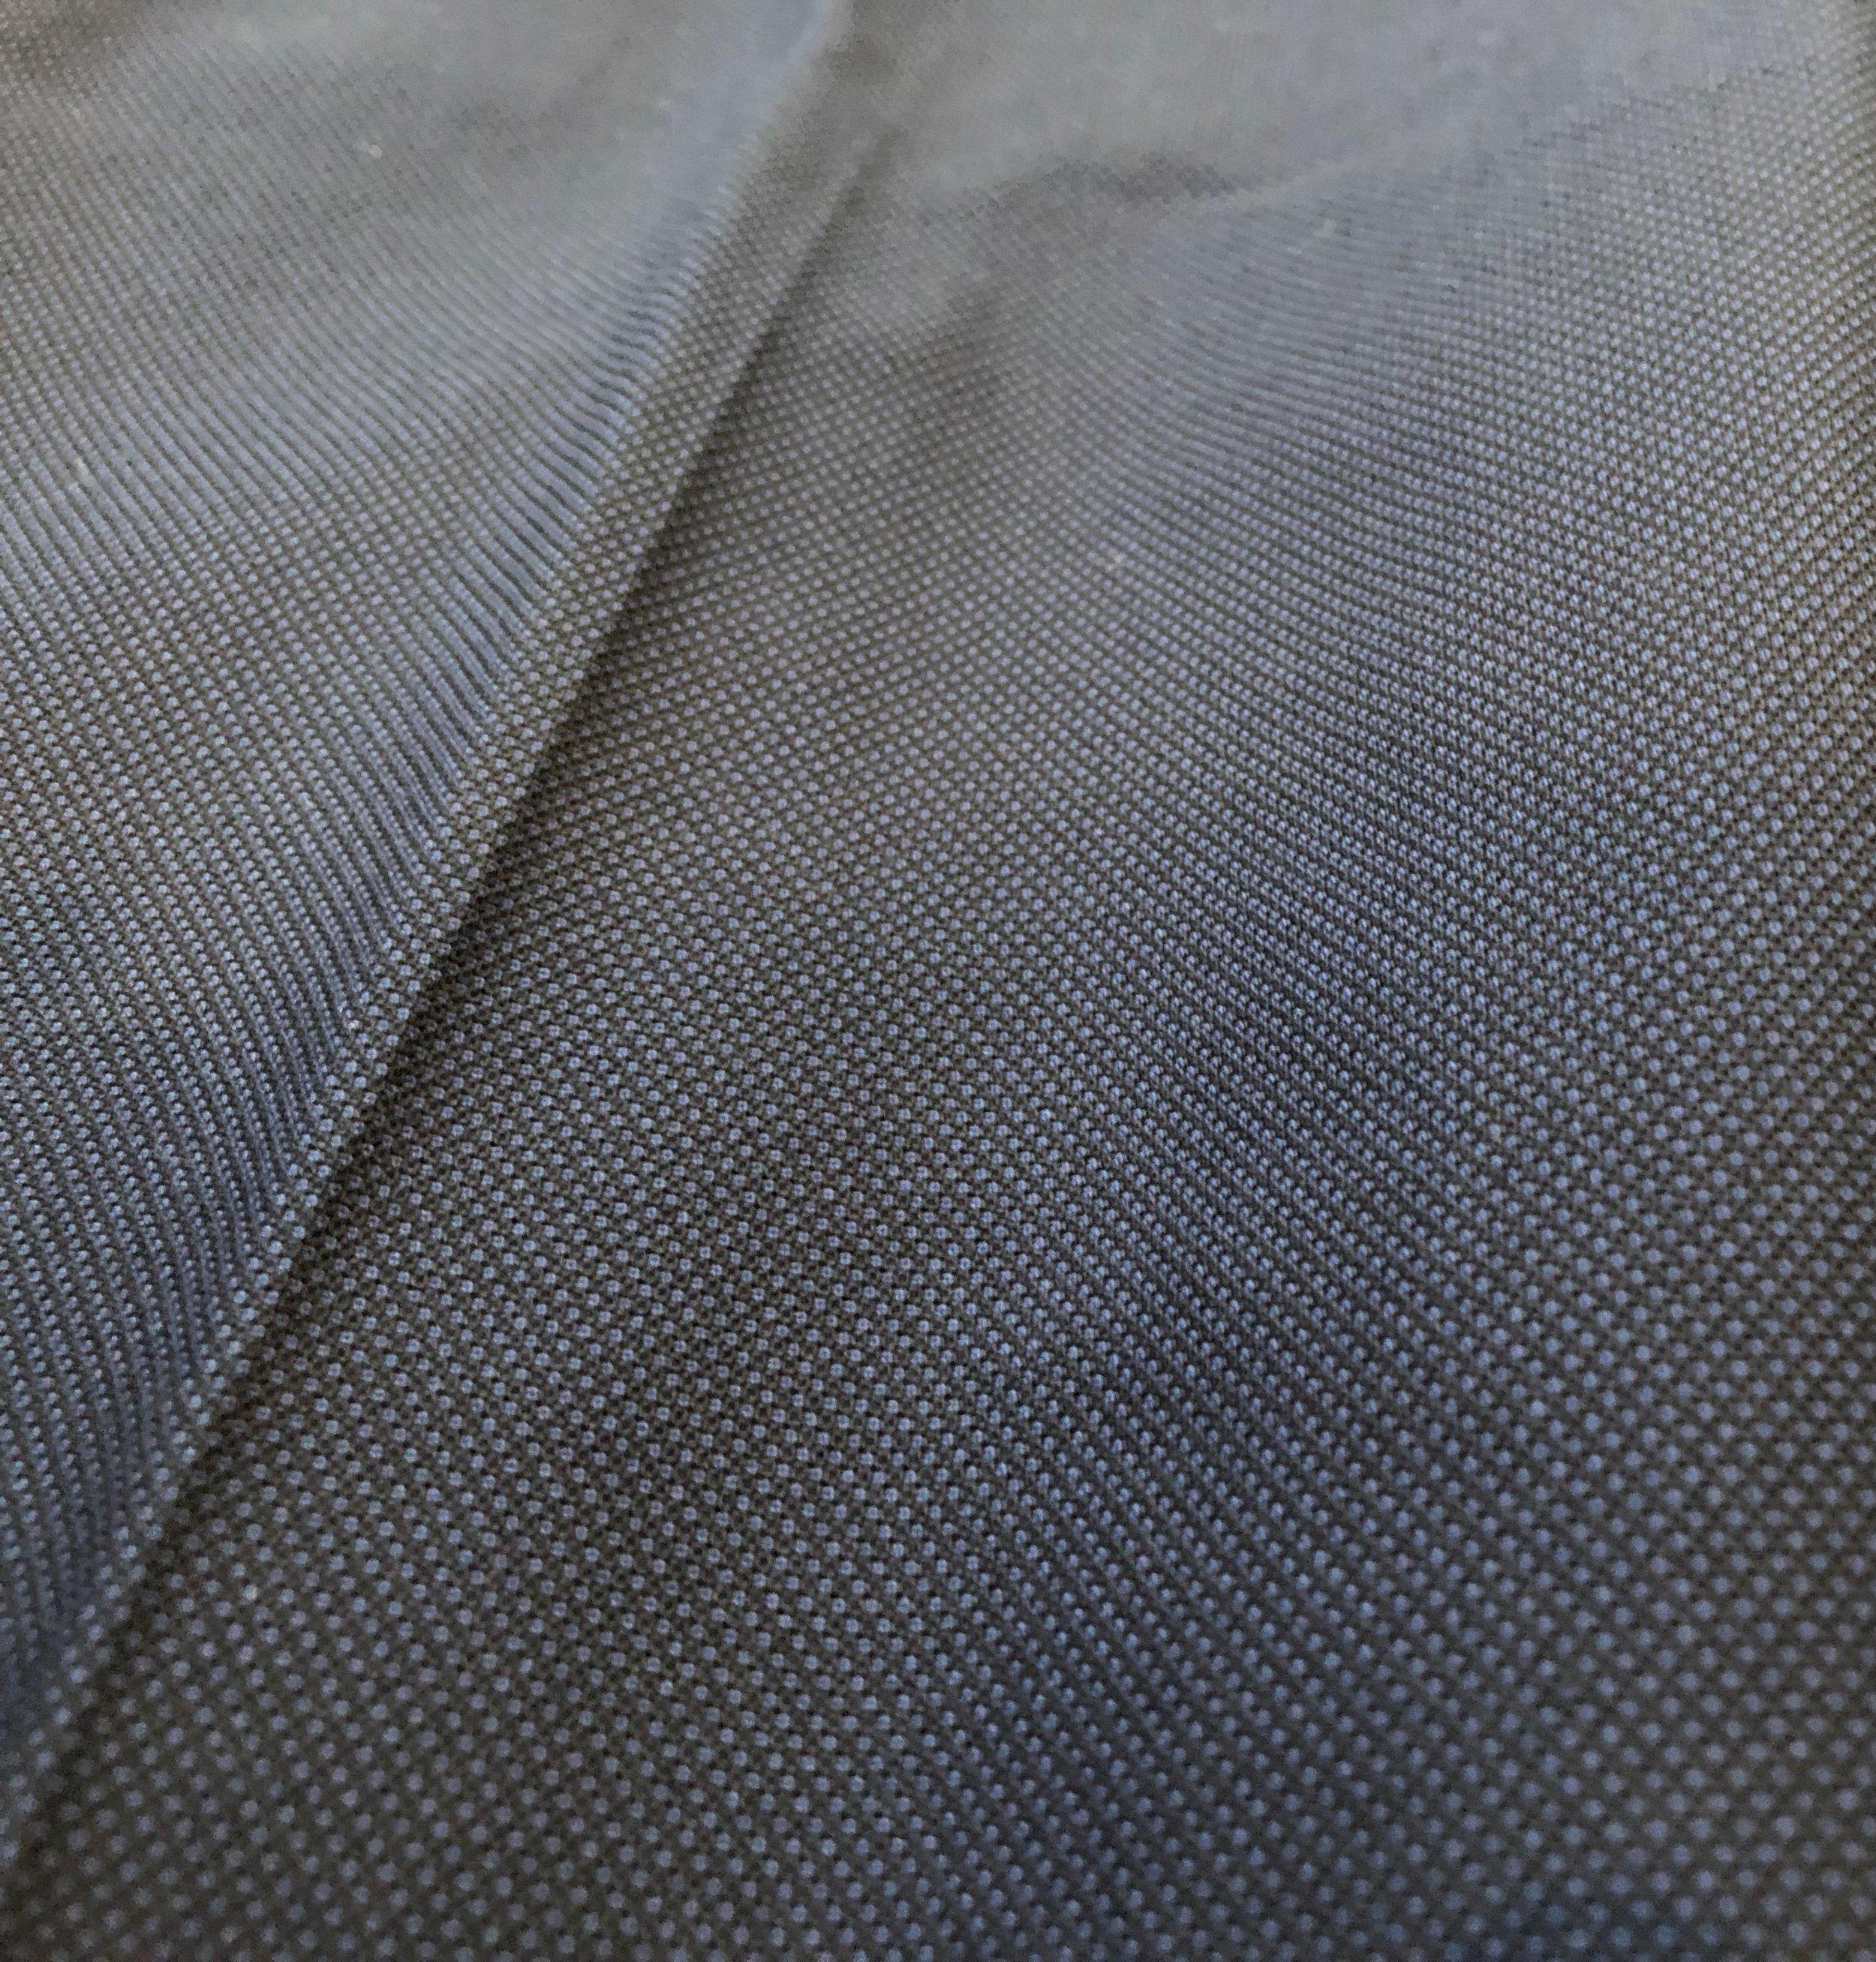 Dress pants fabric close up